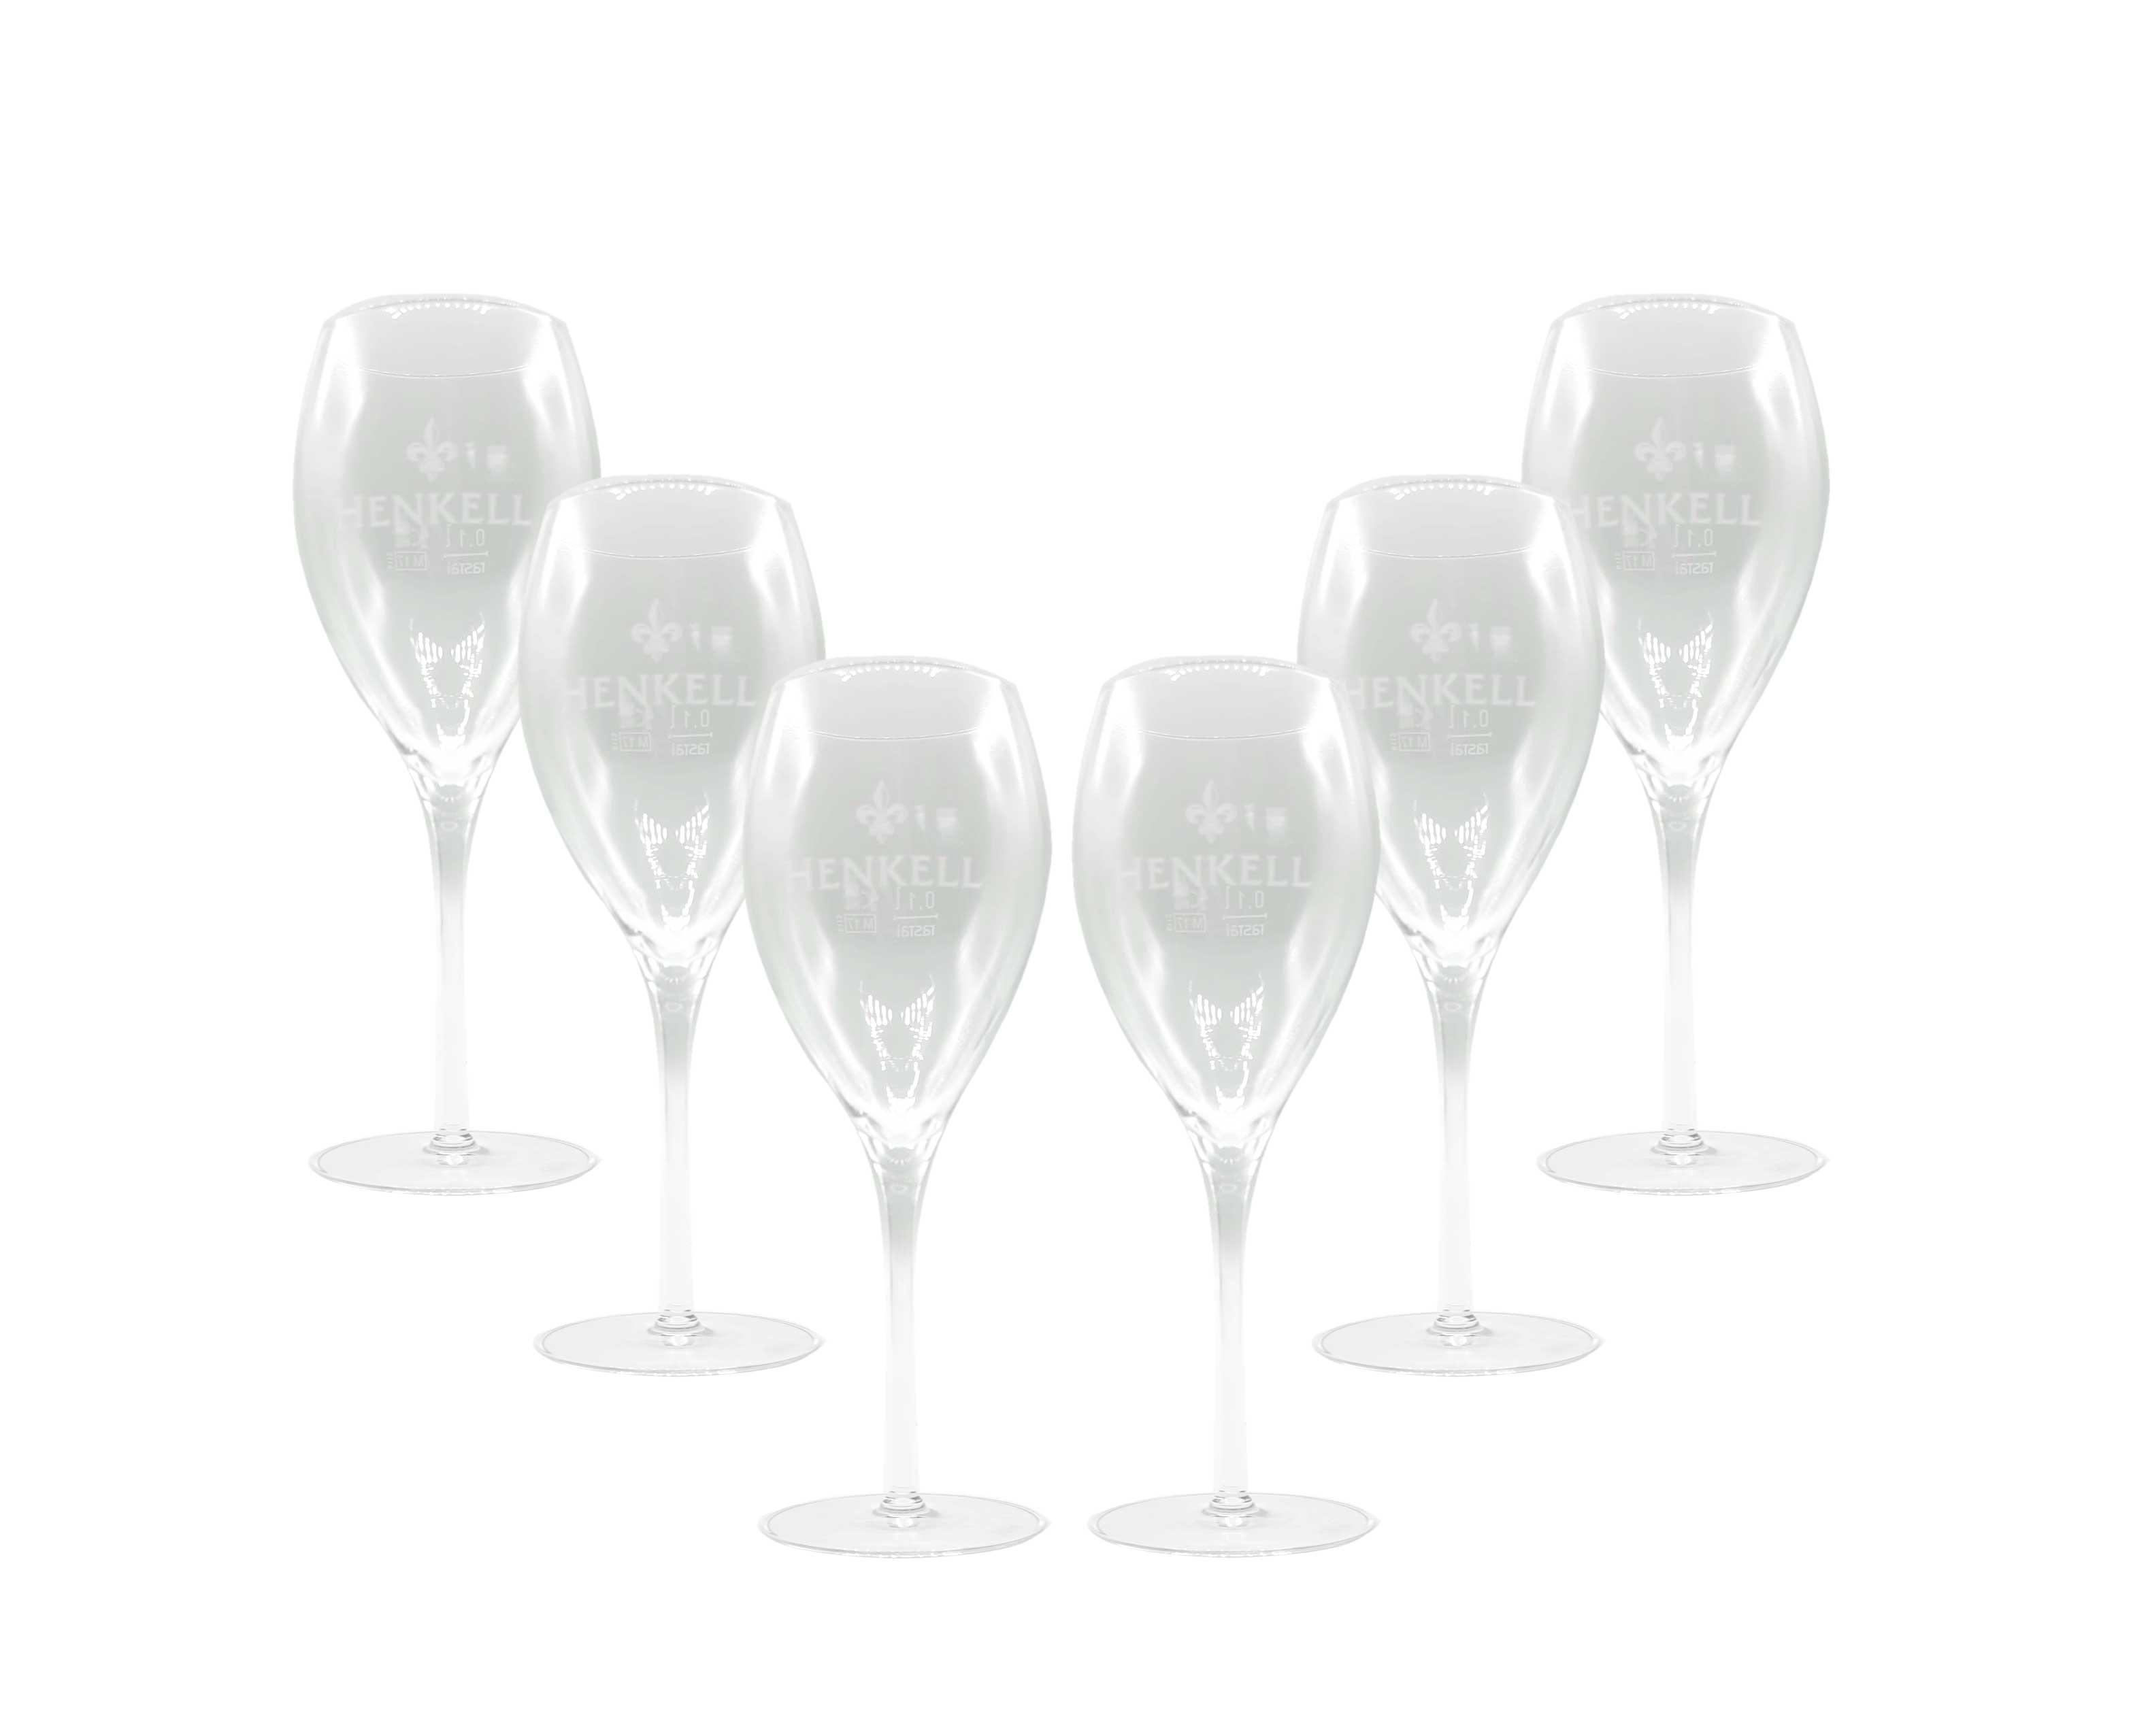 Henkell Champagner bauchige Flöten Gläser Set - 6x 10cl 0,1l geeicht